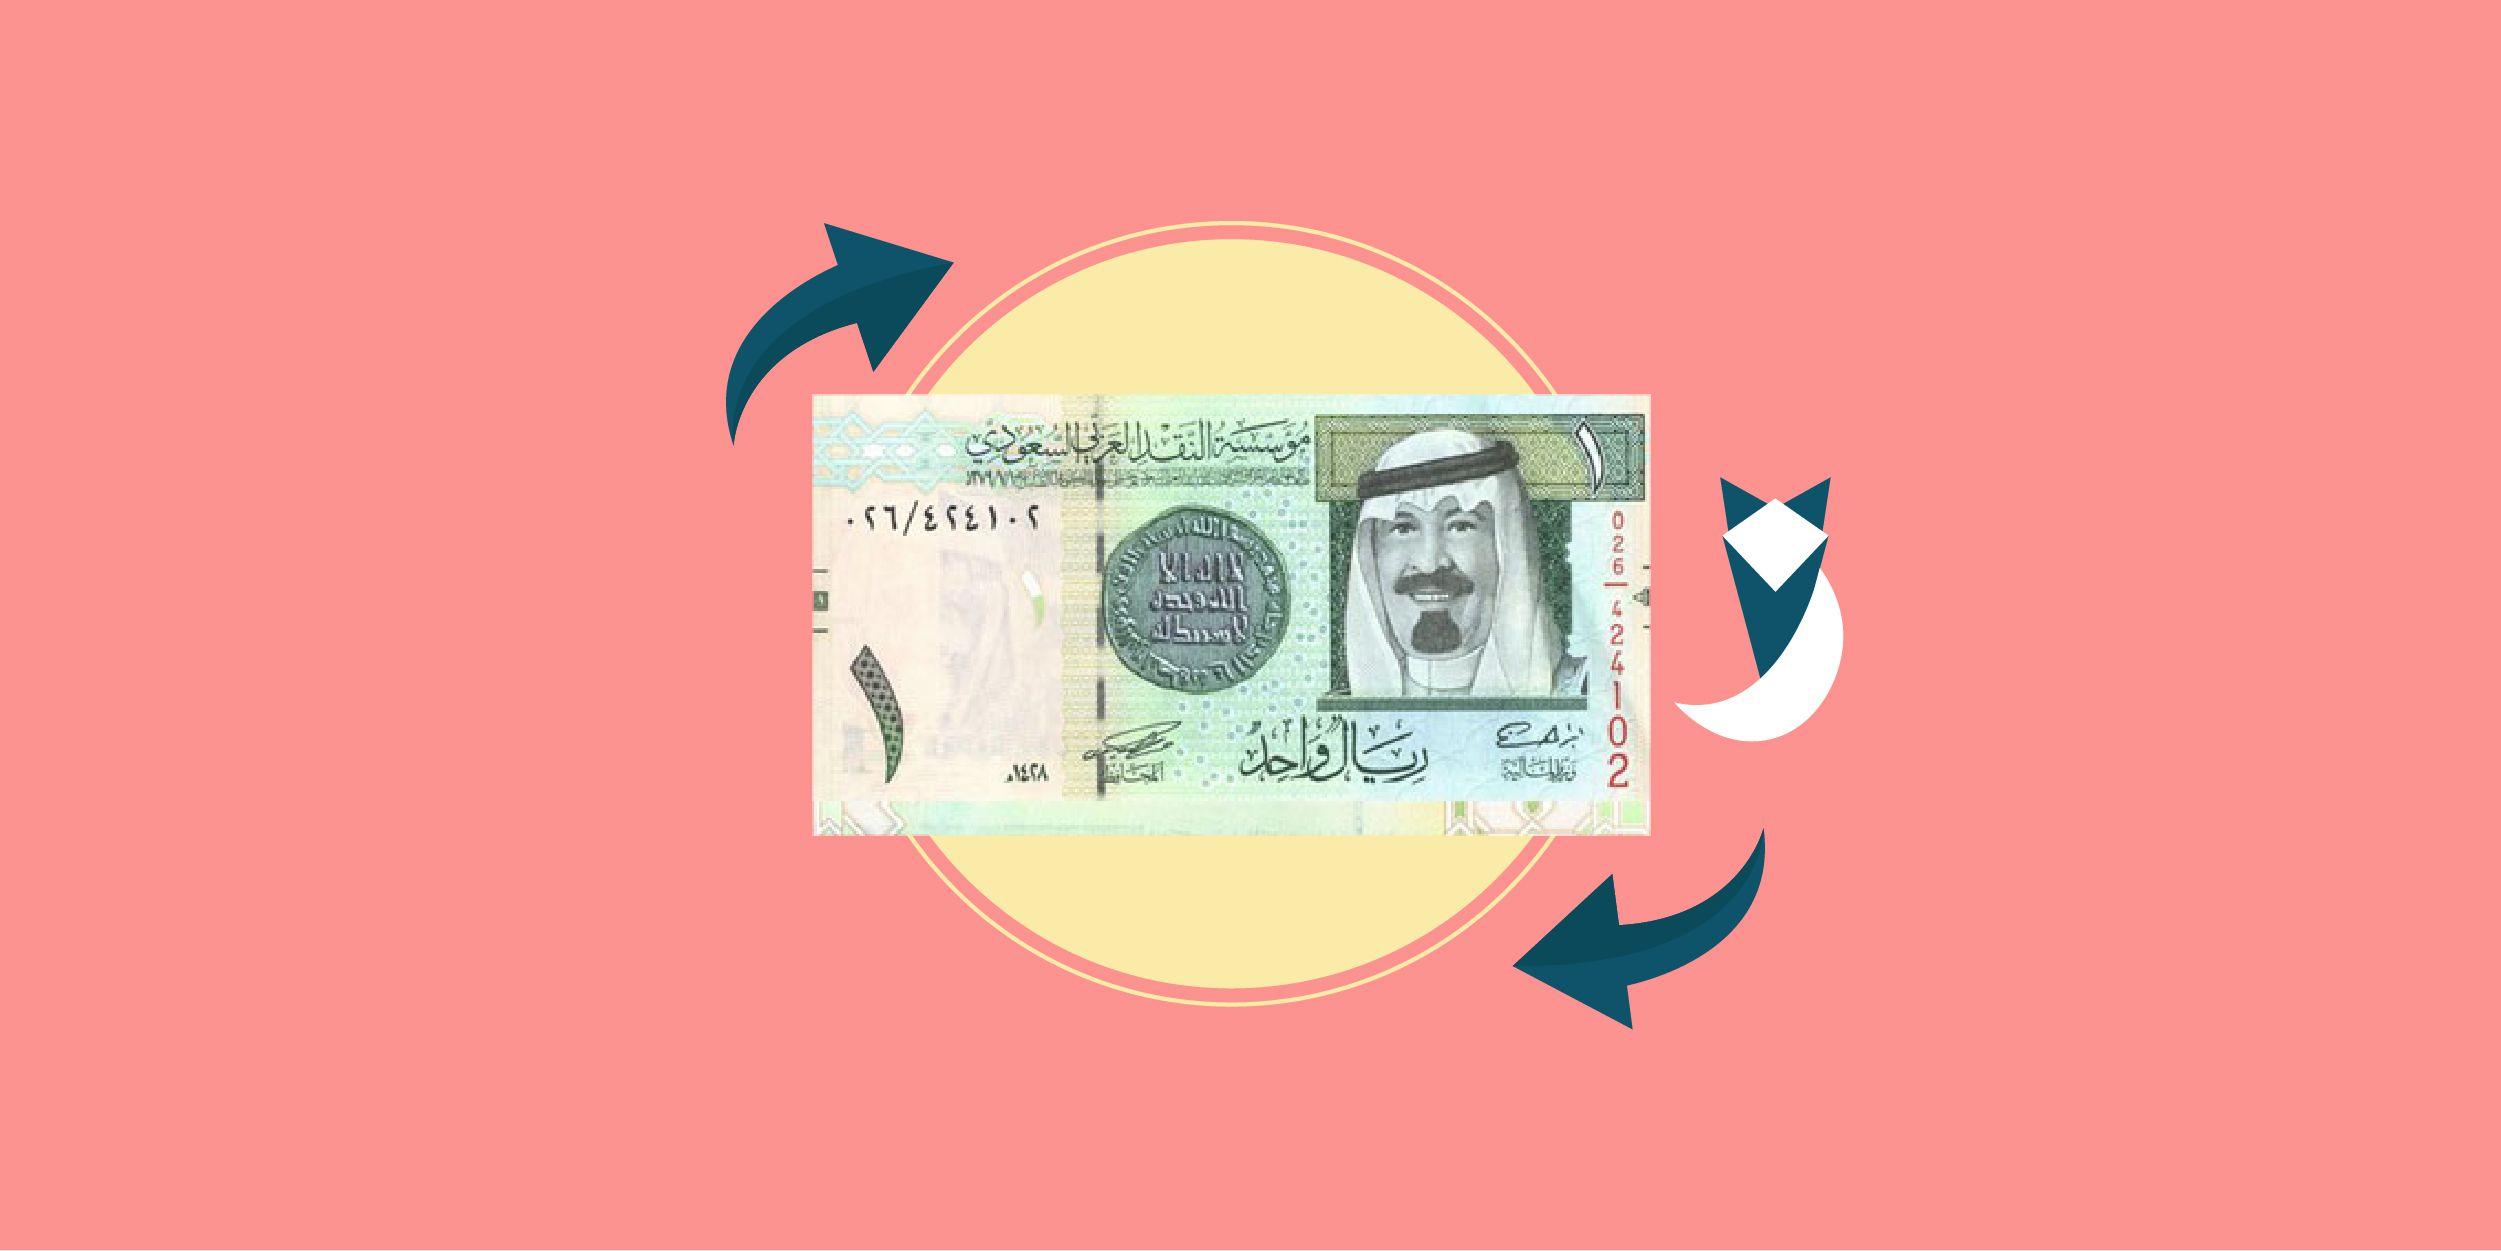 سعر الريال السعودي في البنوك اليوم: الخميس 5 أغسطس2021